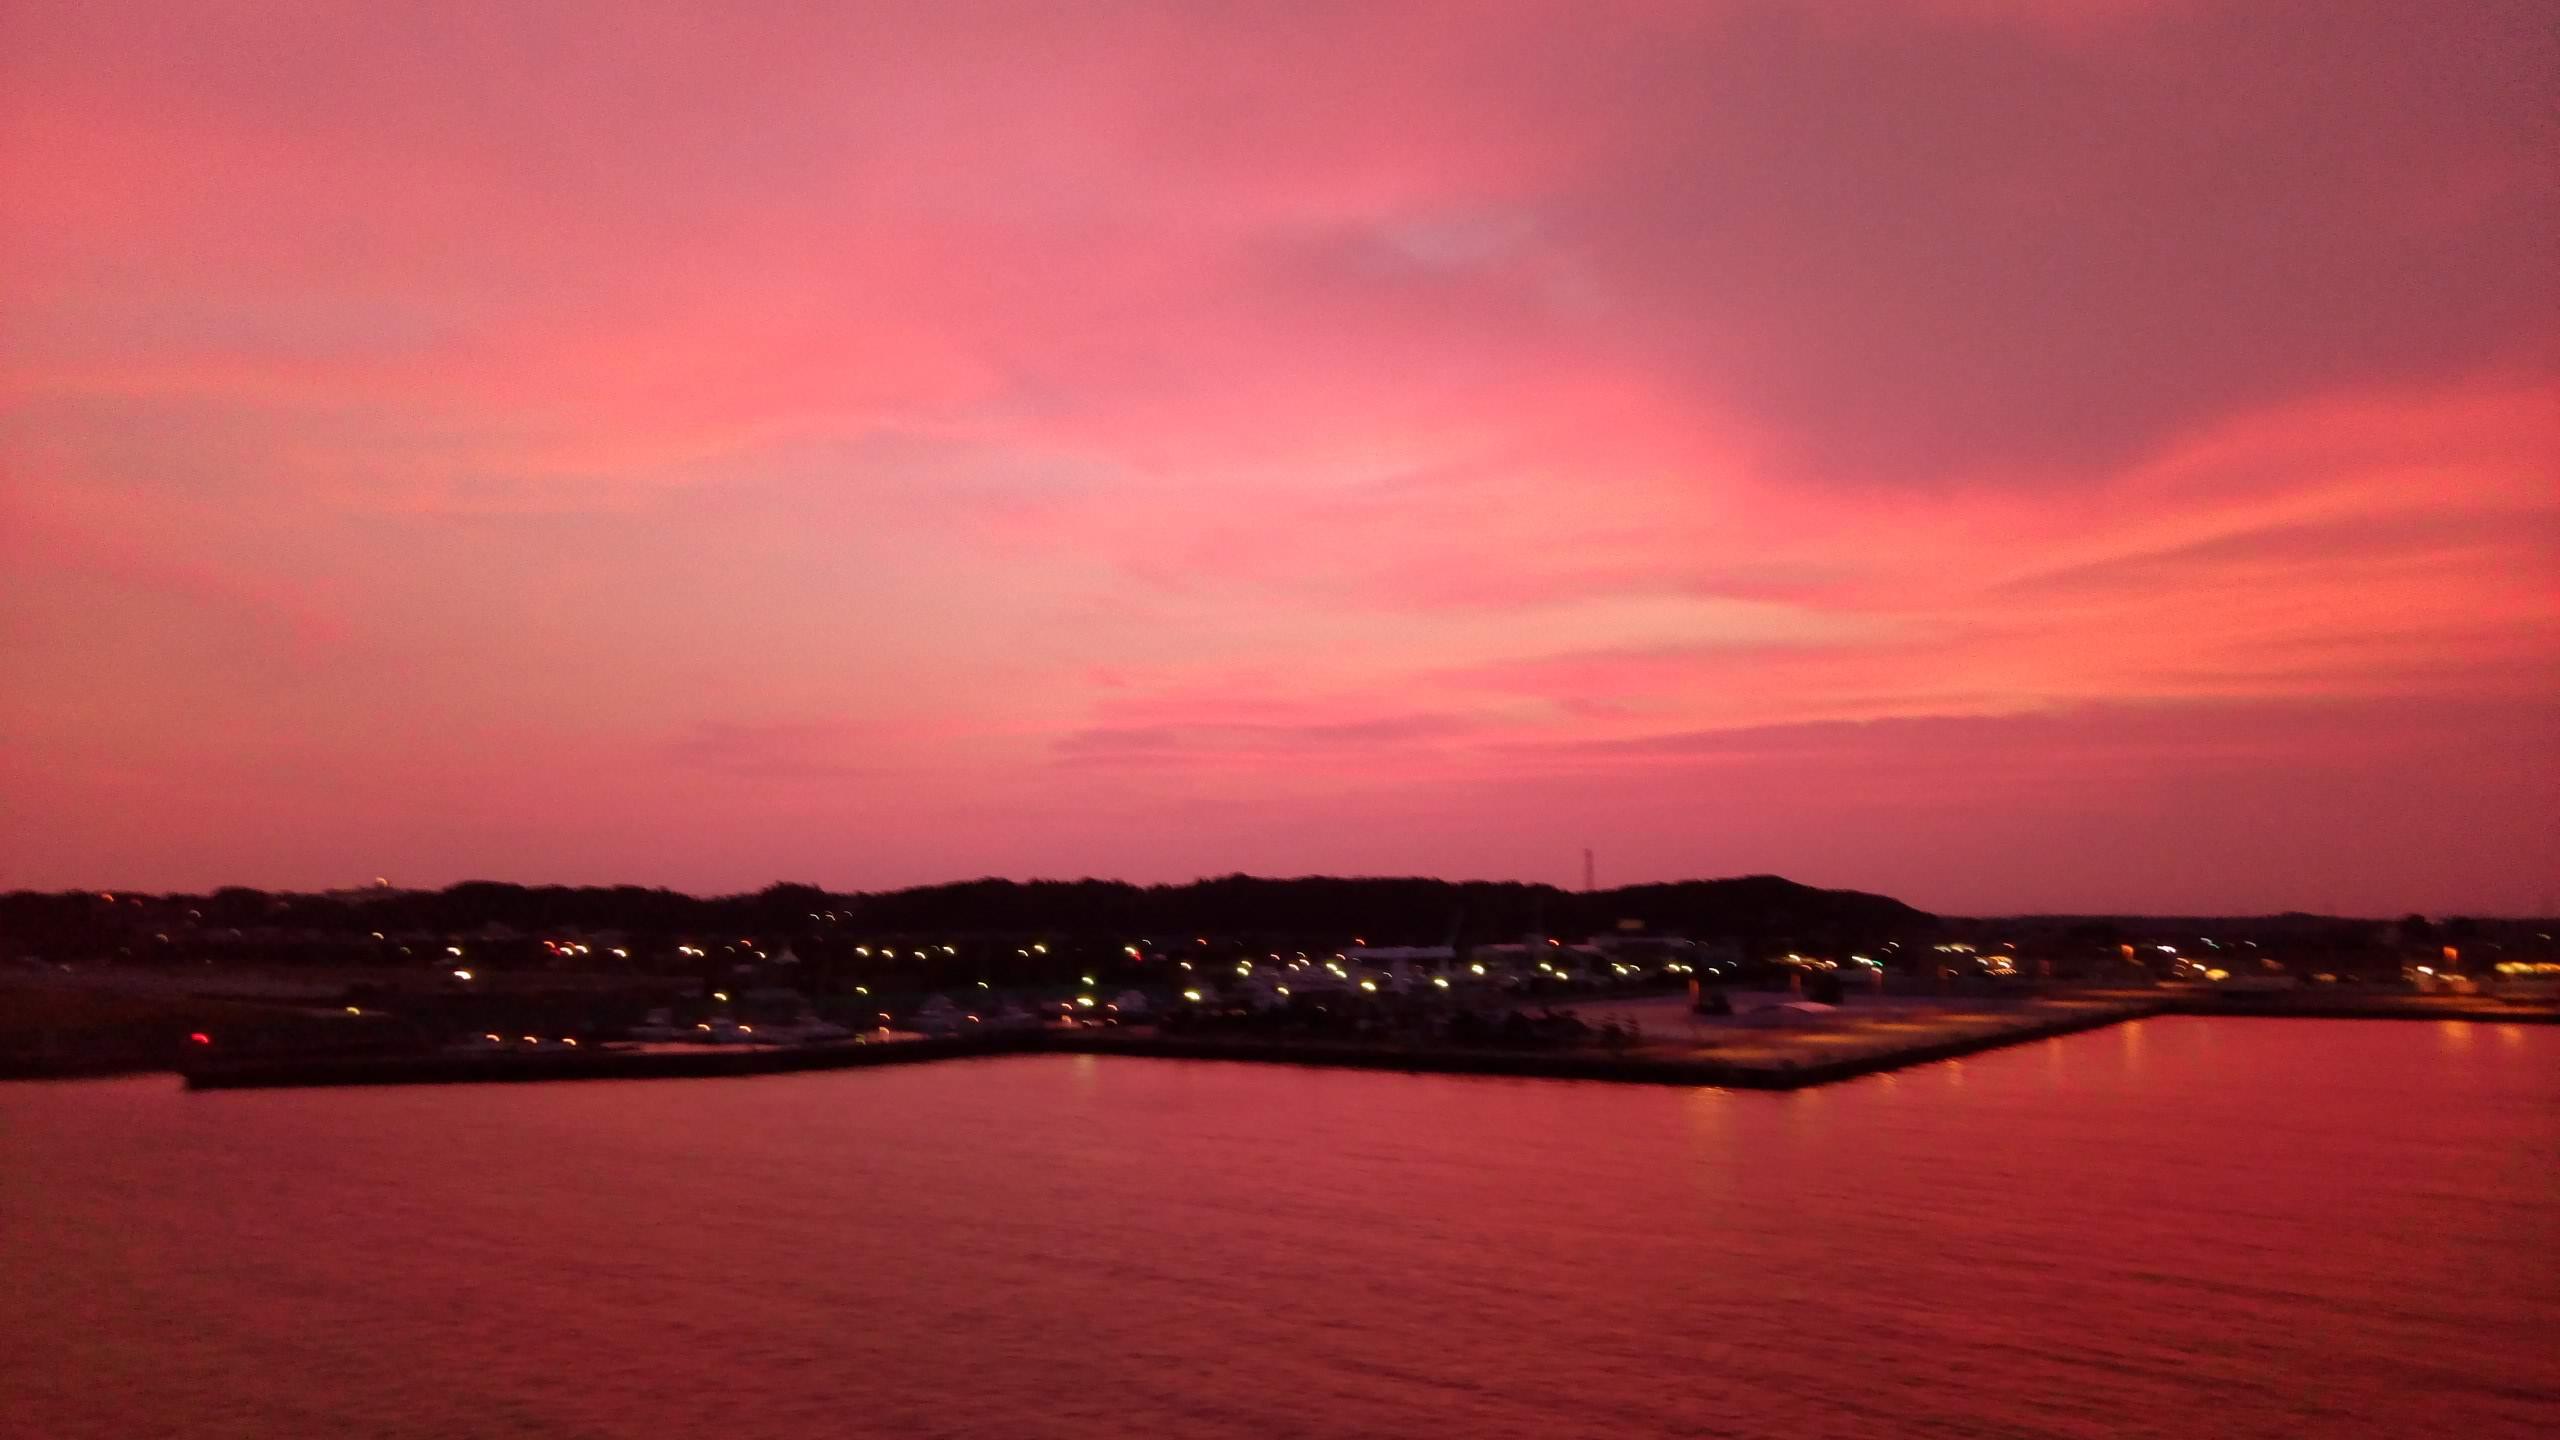 【2018年・夏の北海道】また来年、行くのかな?たぶん行っちゃうと思う。vol.16